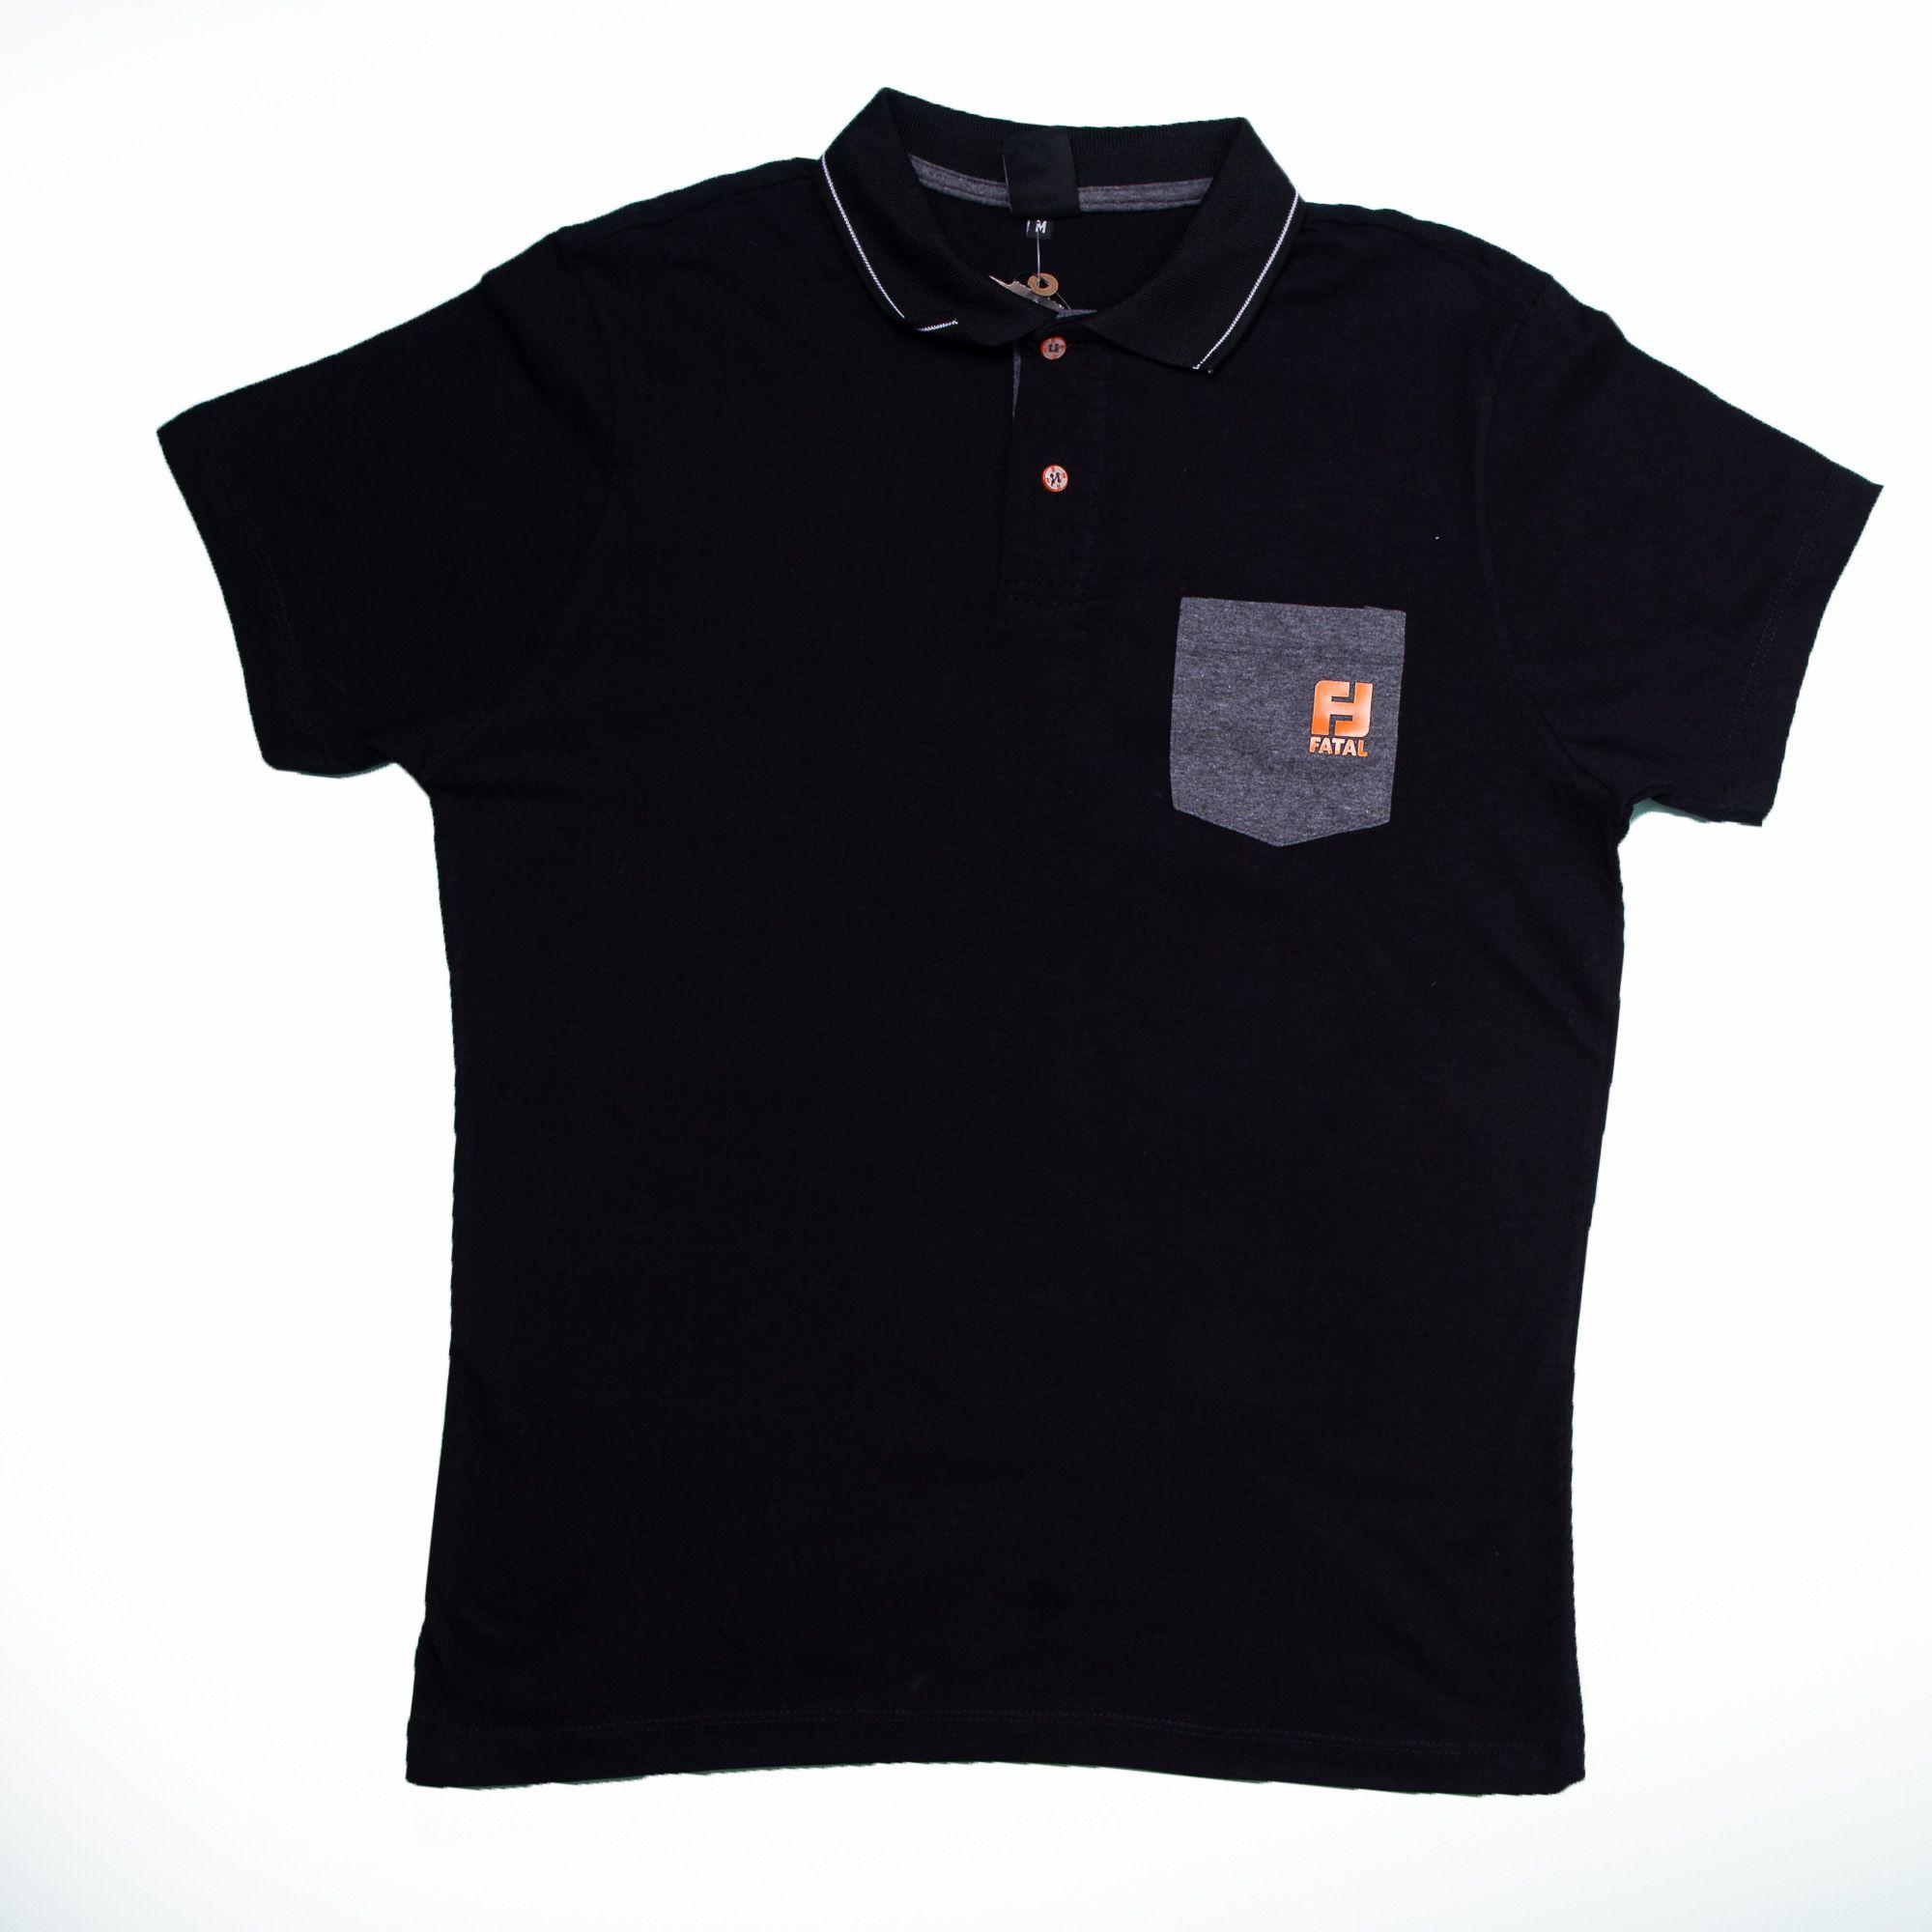 Camisa Polo Masculina Fata De Malha - Fatal